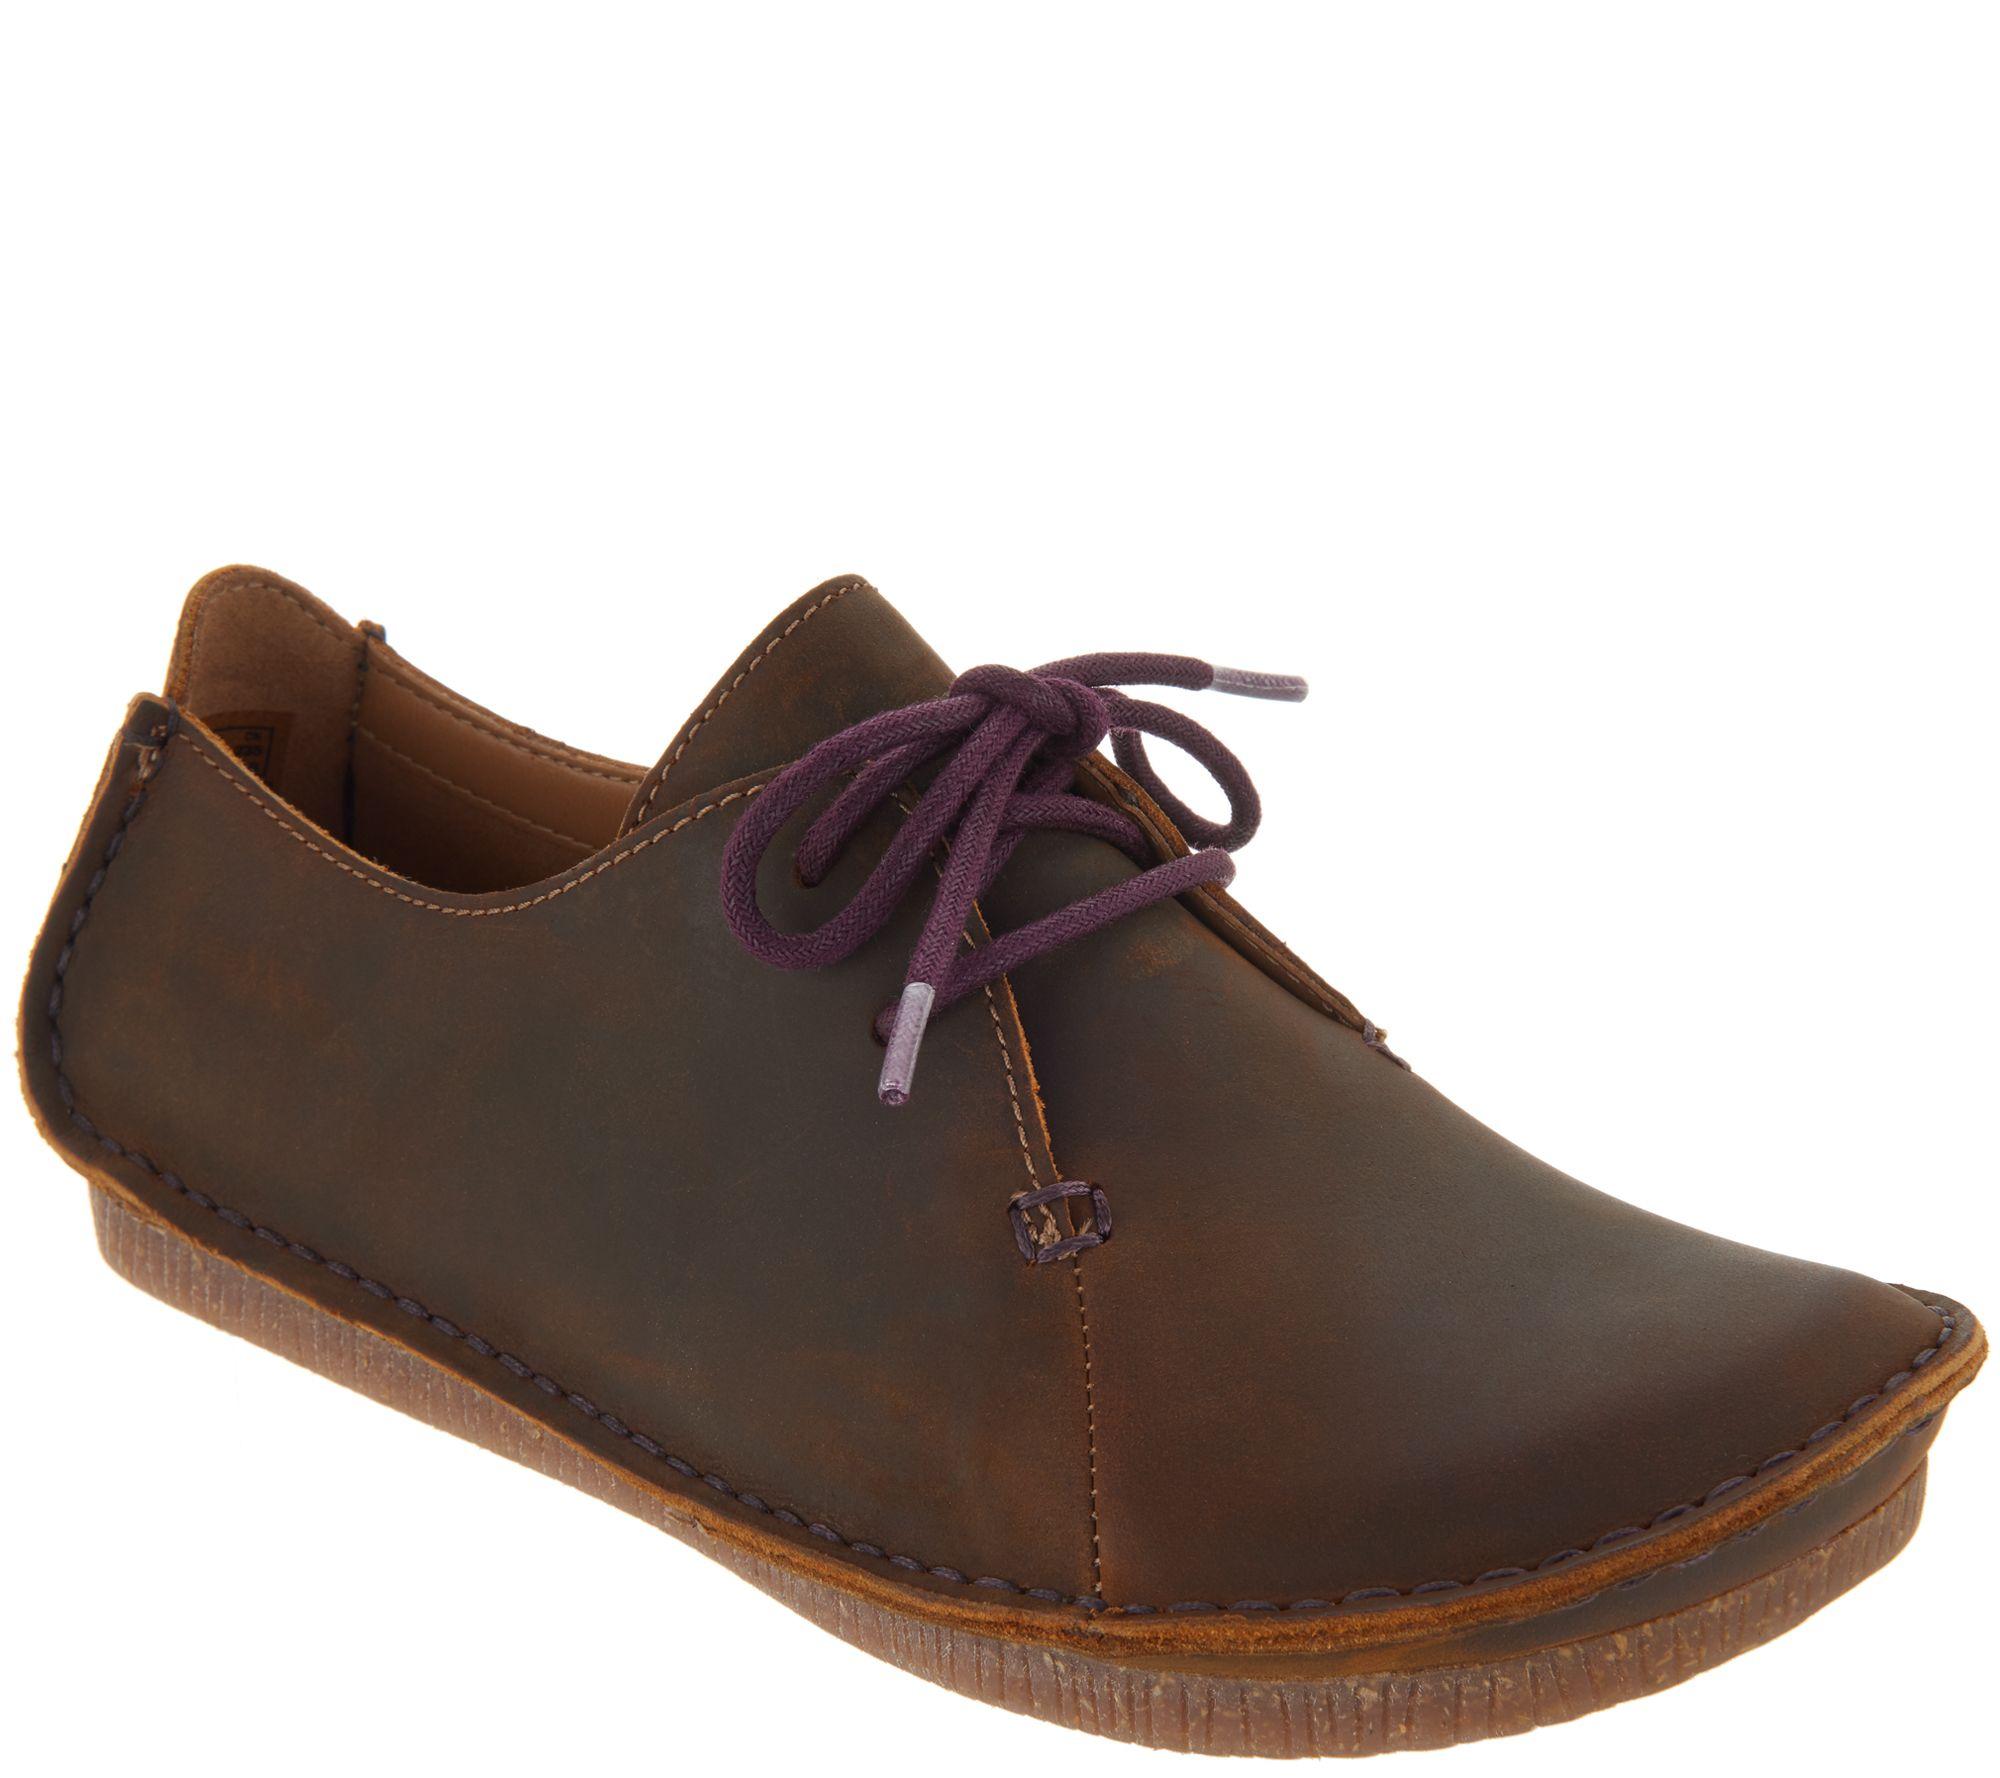 8d57055d4c0d Clarks Unstructured Leather Lace-up Shoes - Janey Mae - Page 1 — QVC.com